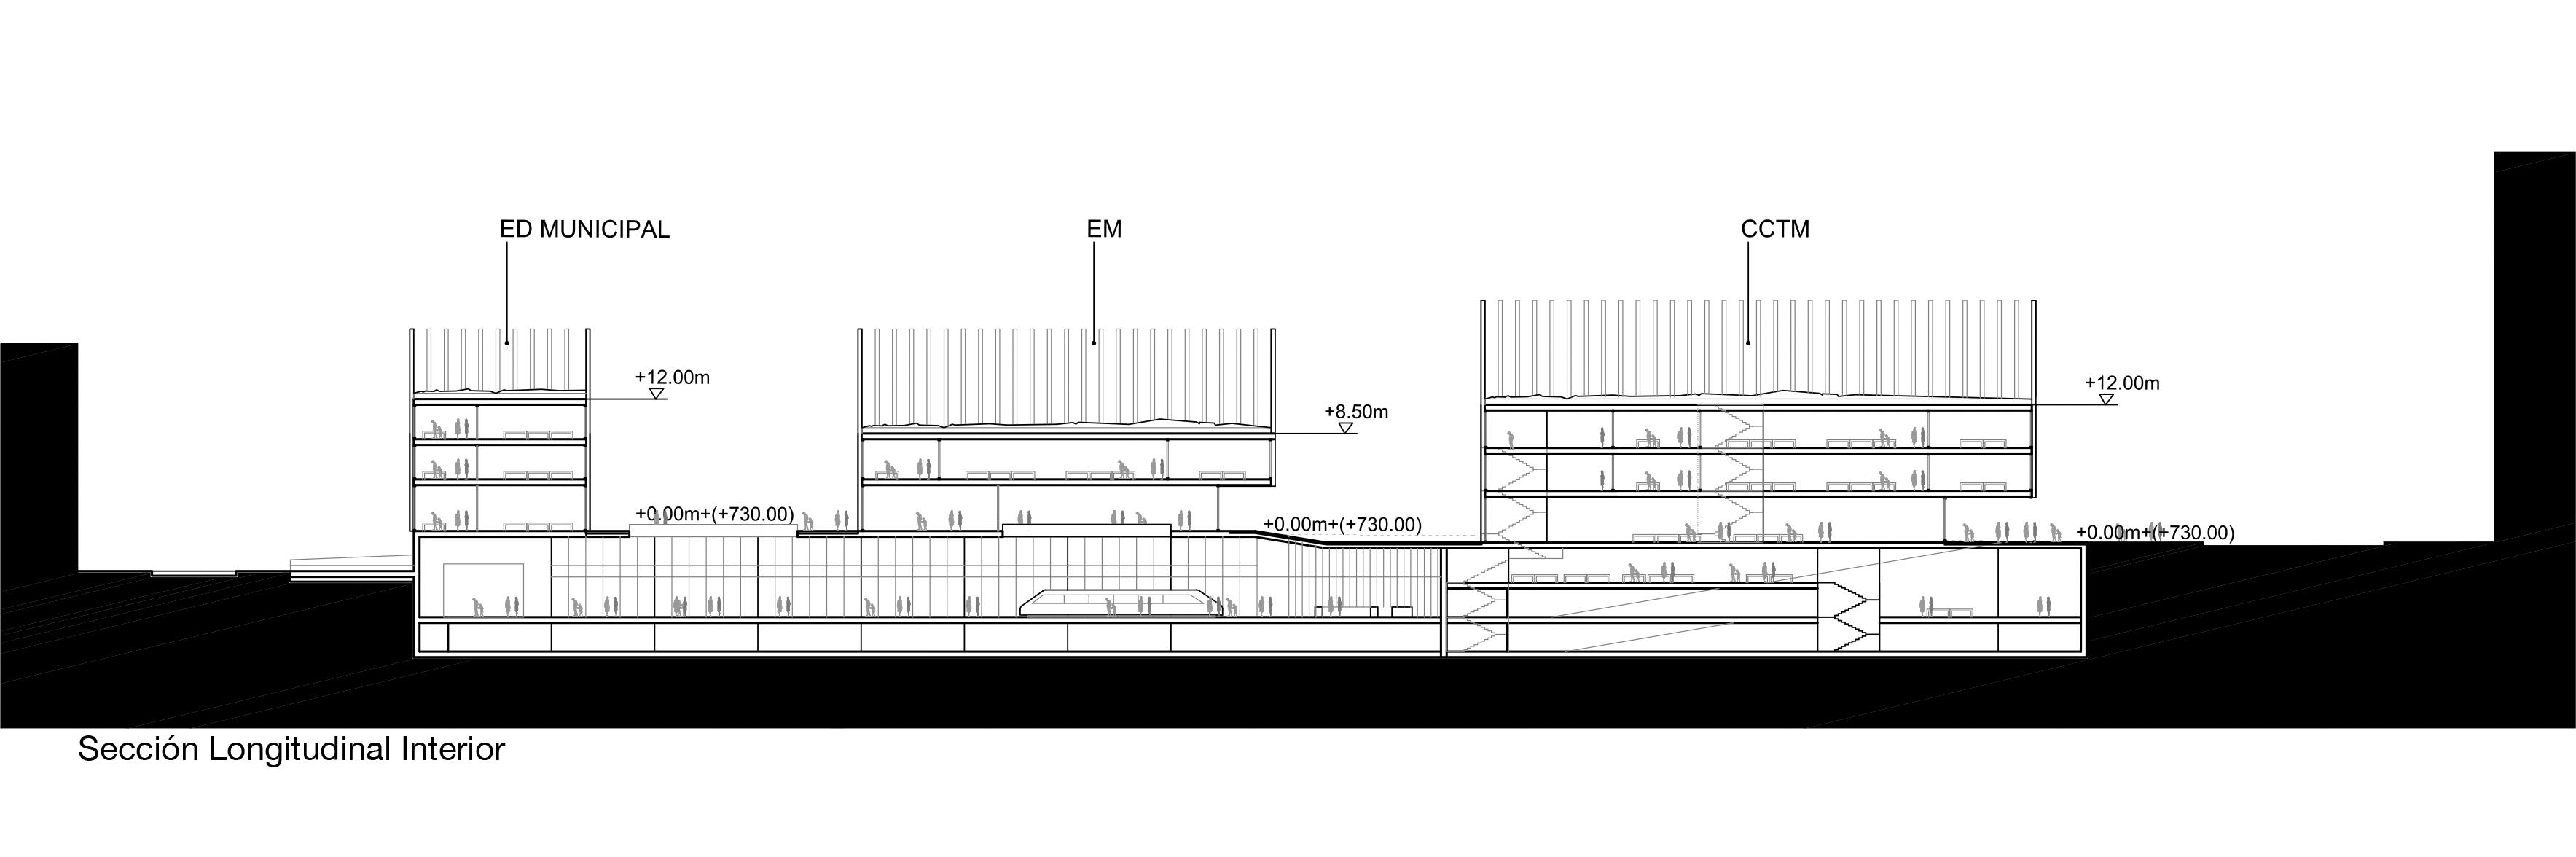 Sección Longitudinal Interior